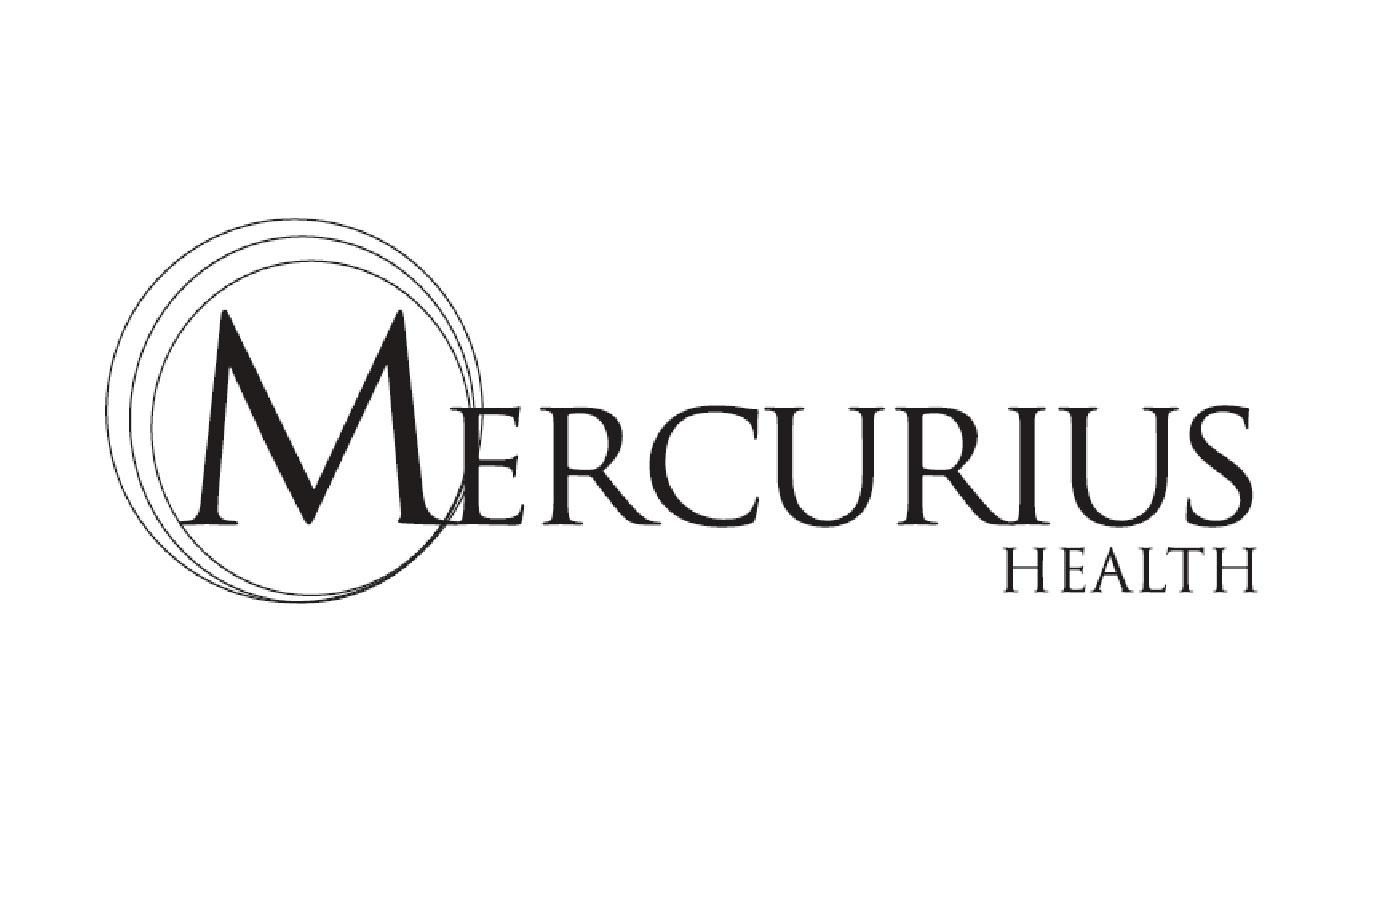 mercurius health